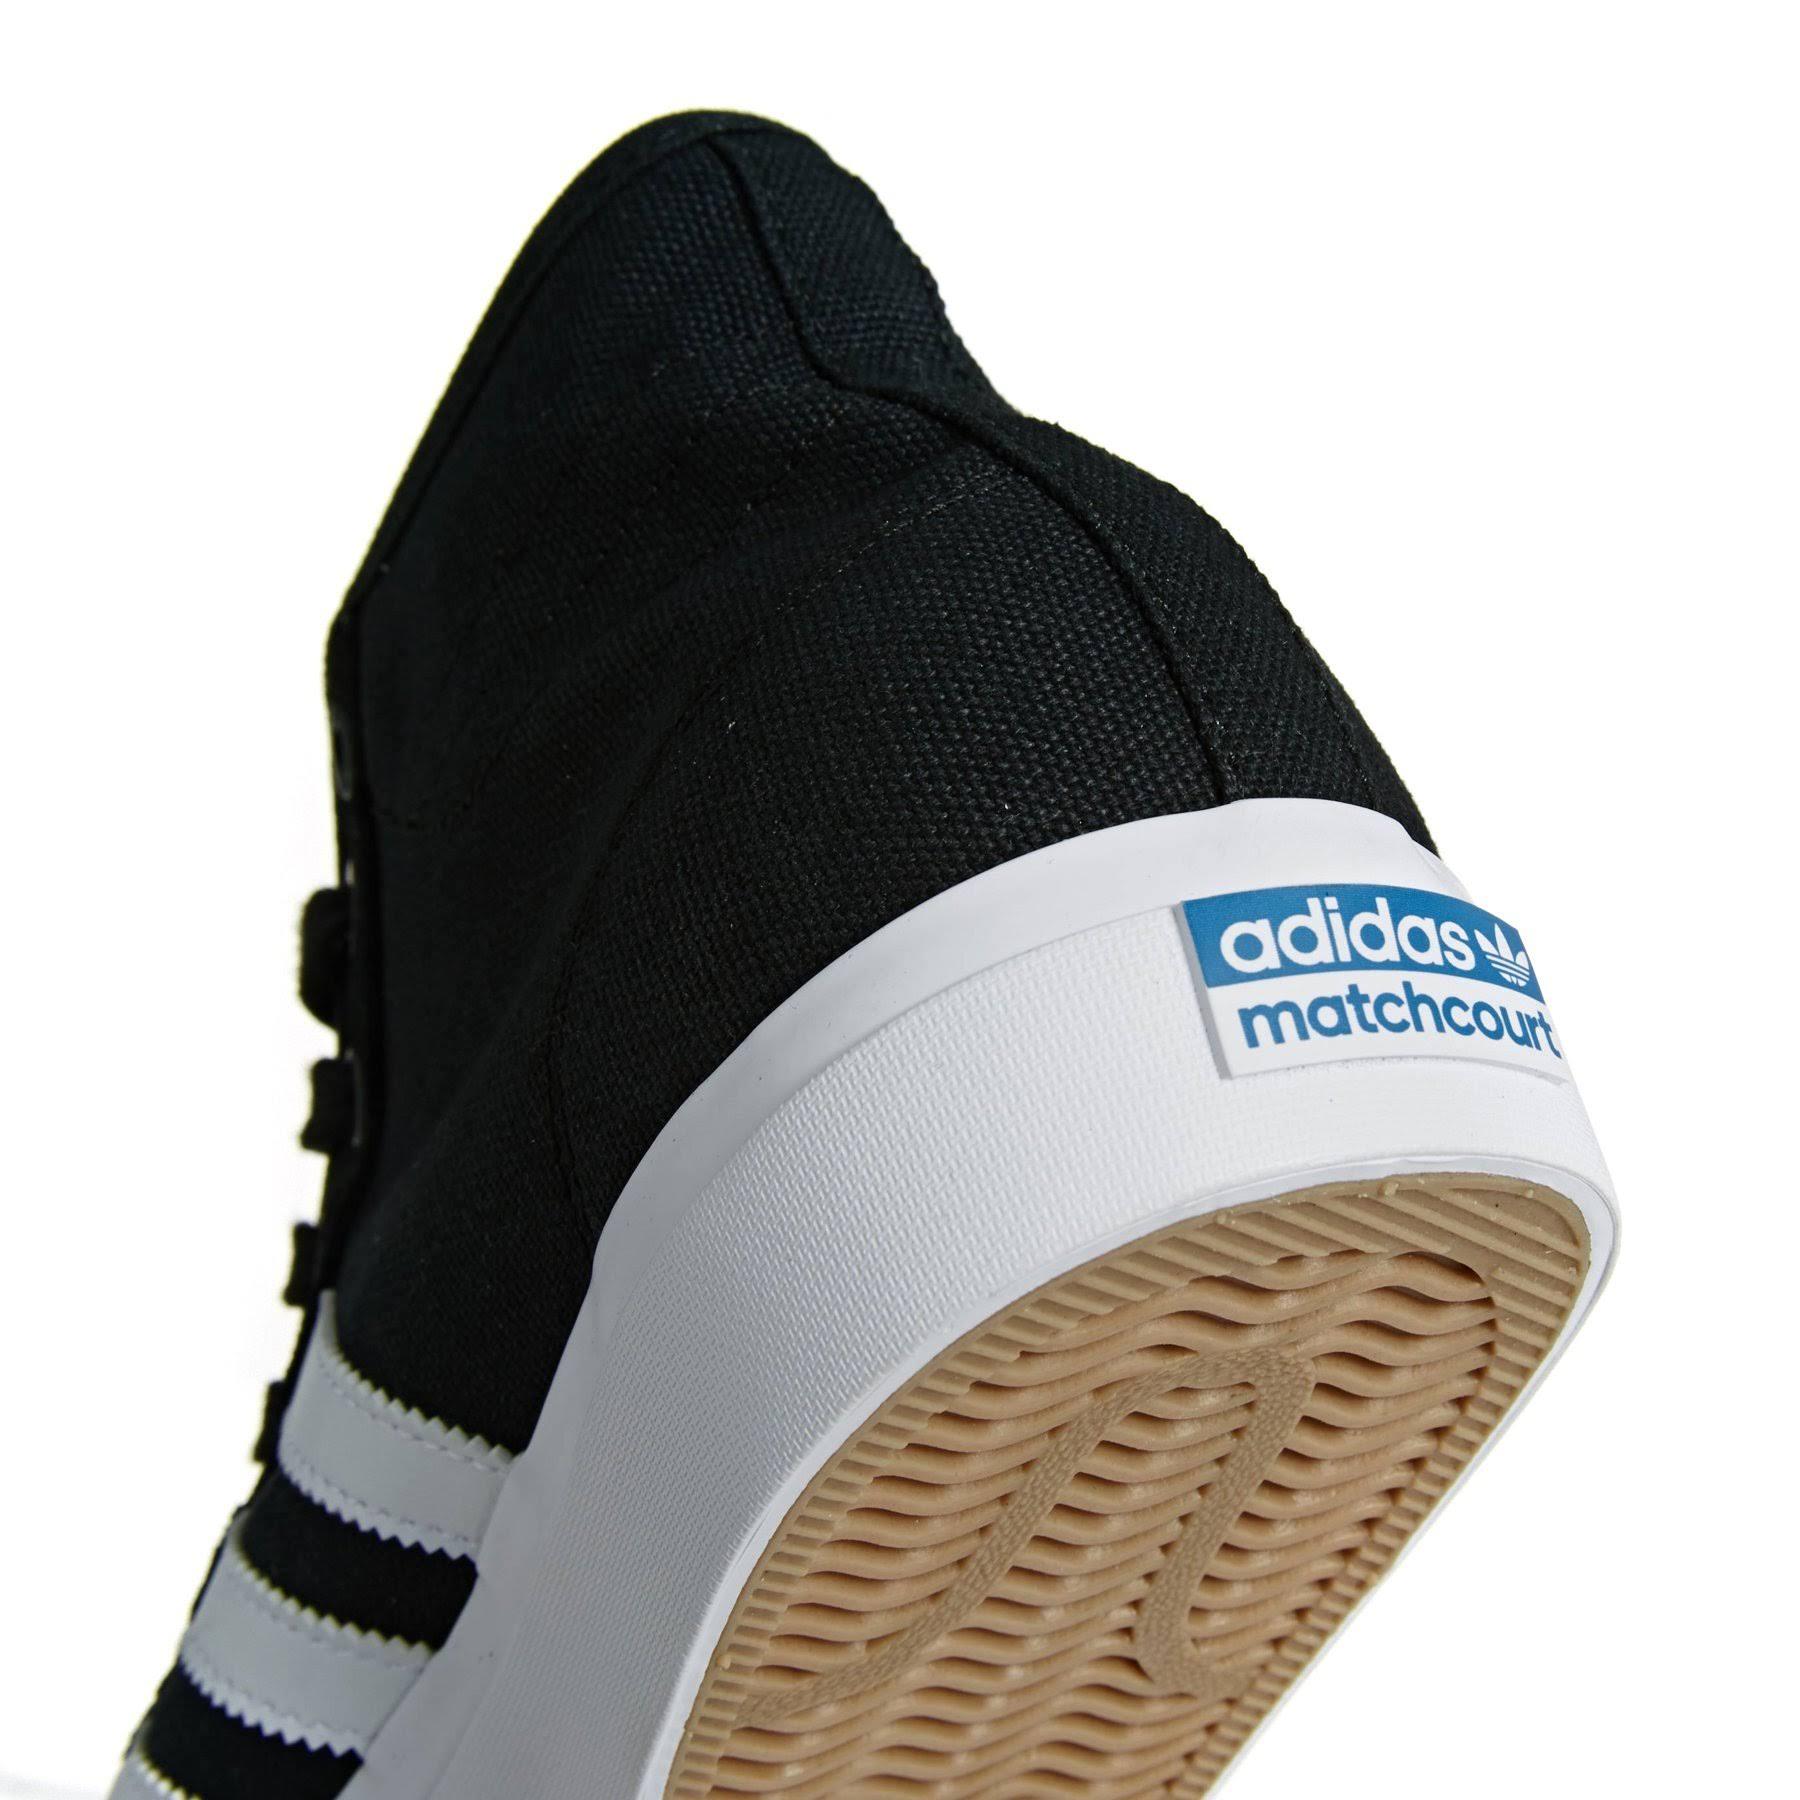 Weiß Originals Rx Matchcourt High 3 Eu 47 Adidas 1 Schwarz FgpqxzHHPw